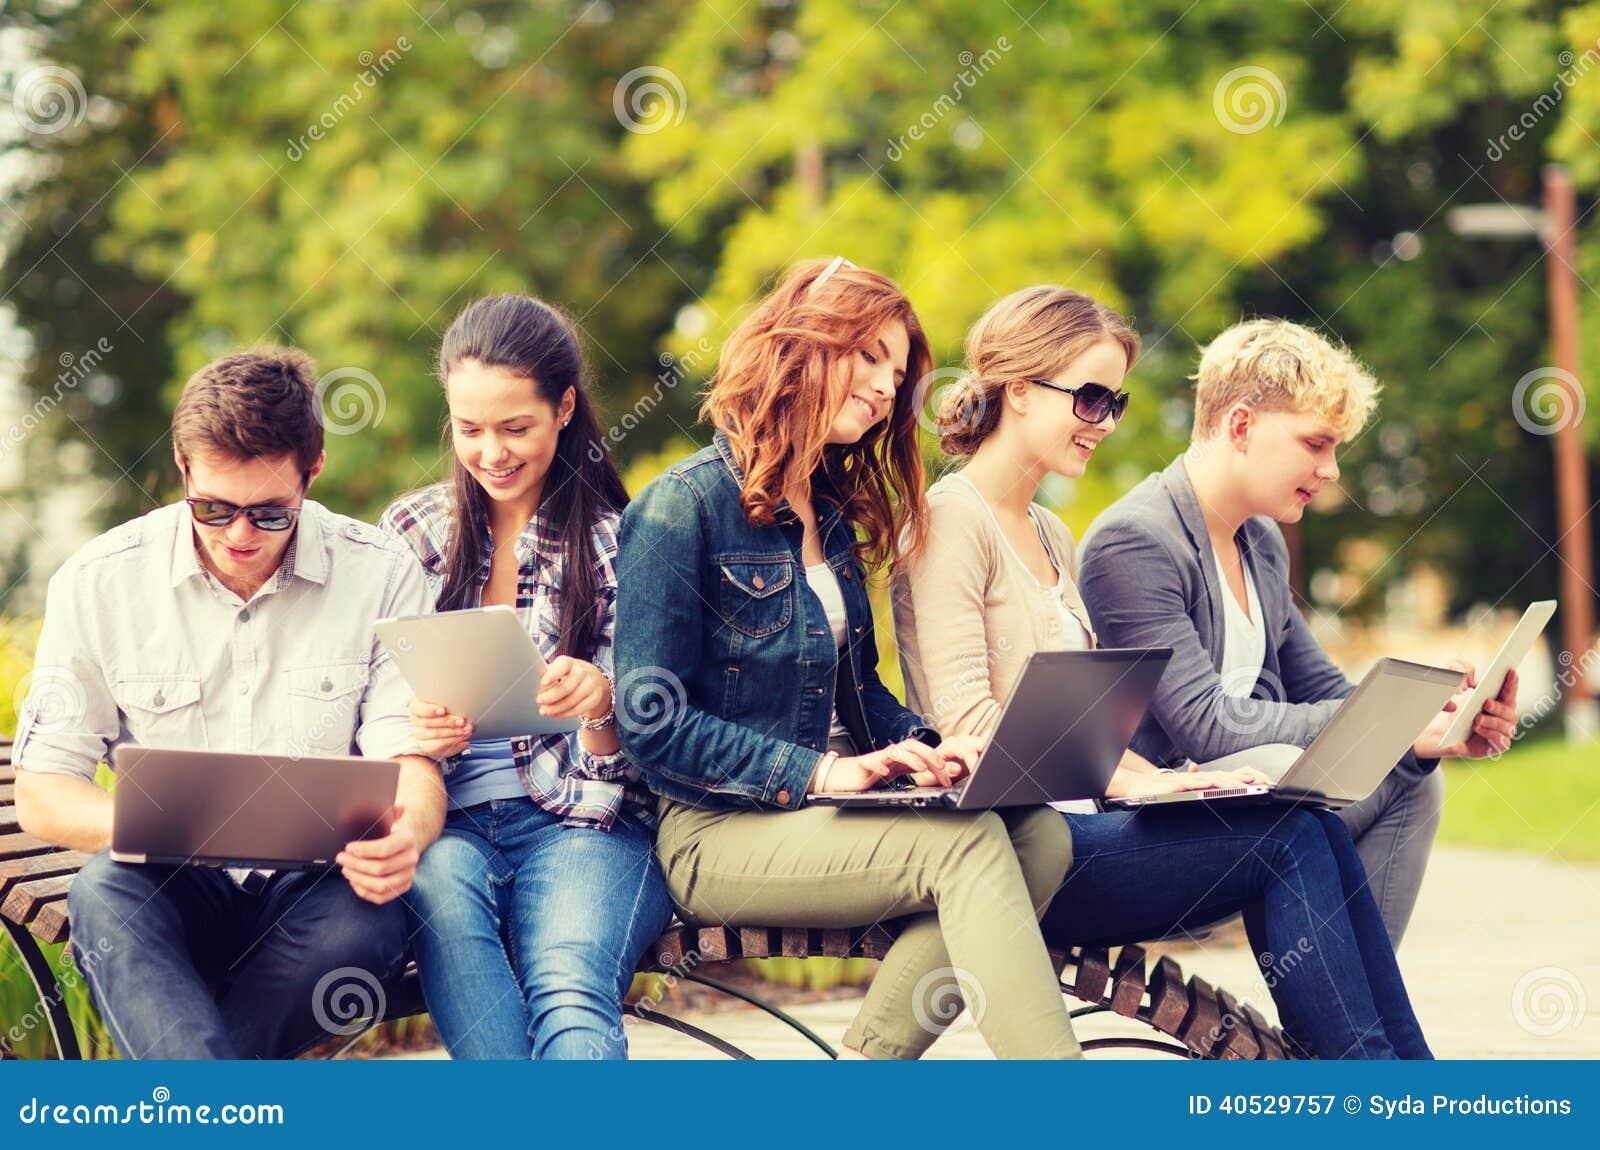 Studenten oder Jugendliche mit Laptop-Computer